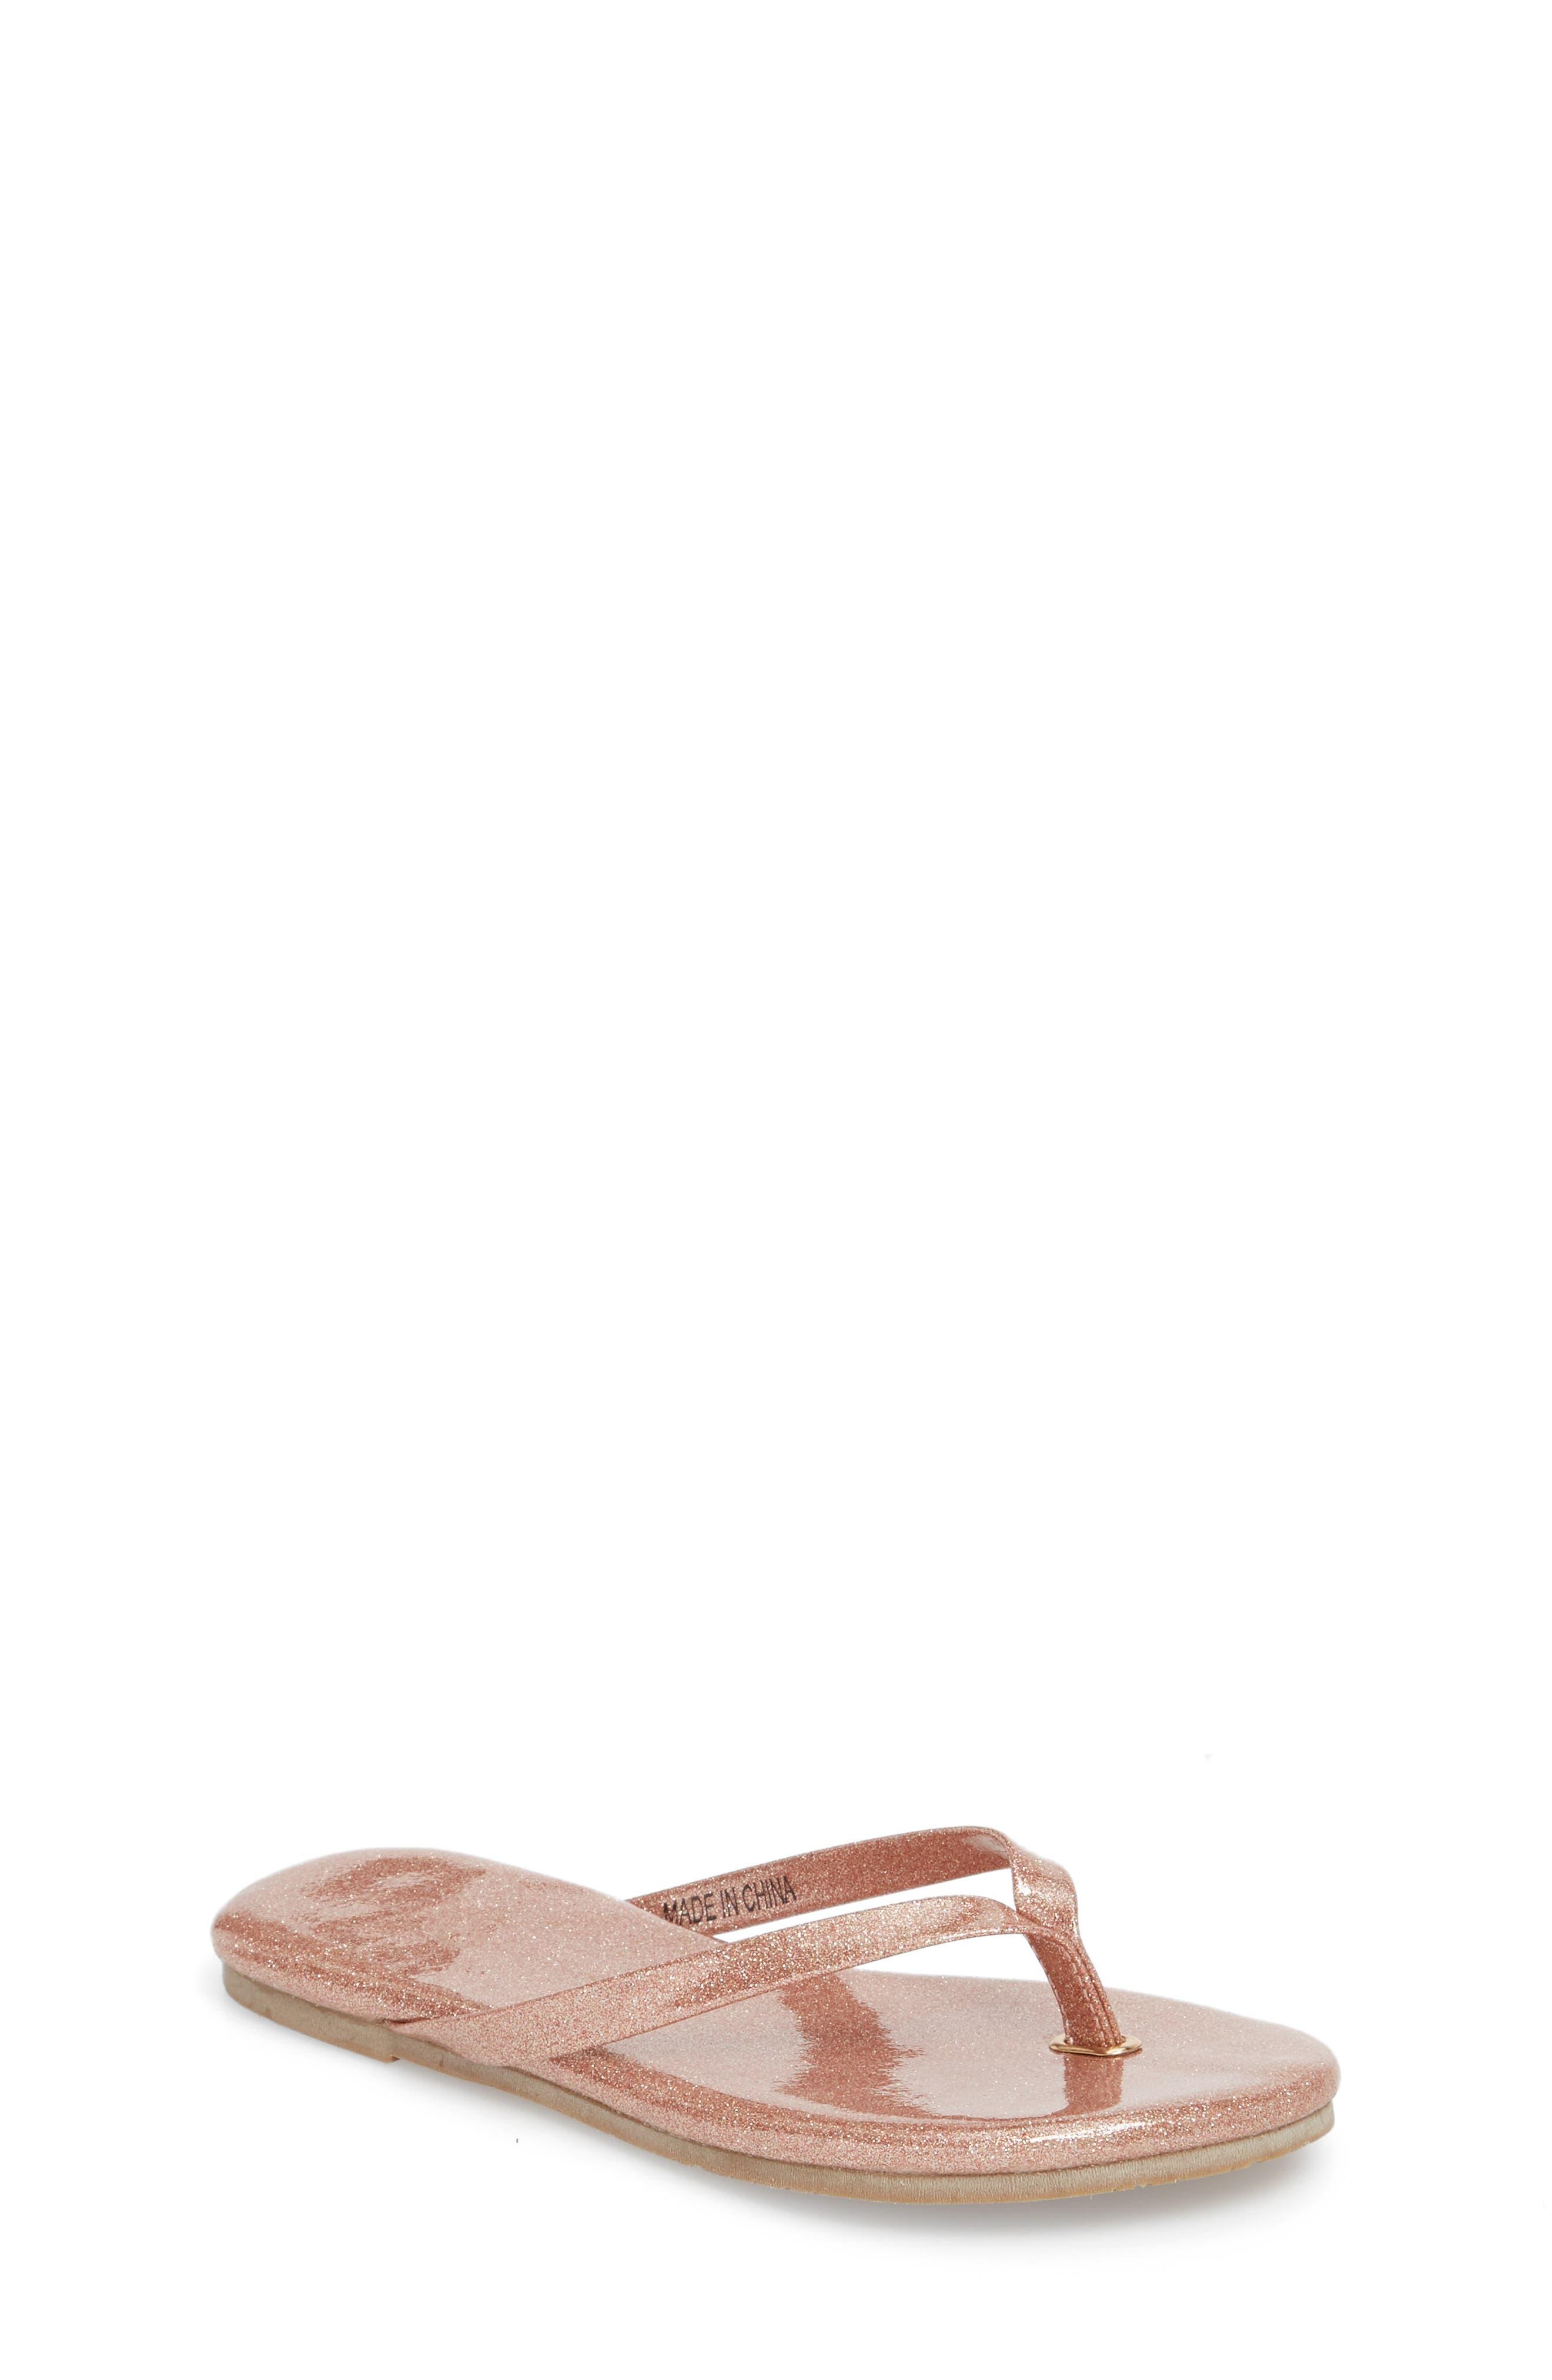 Rivington Flip Flop,                             Main thumbnail 1, color,                             Light Pink Patent Glitter